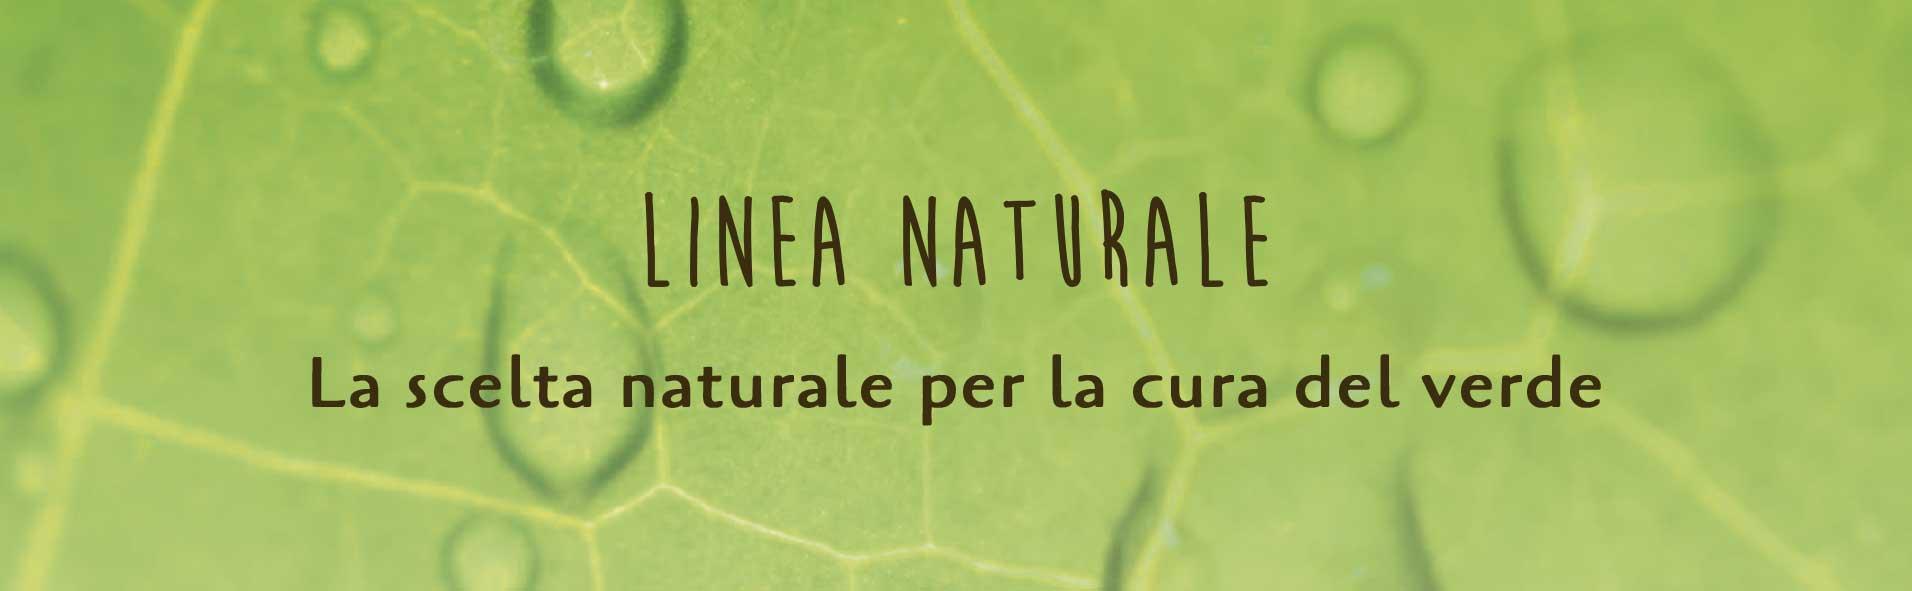 SEPRAN_linea-naturale_header